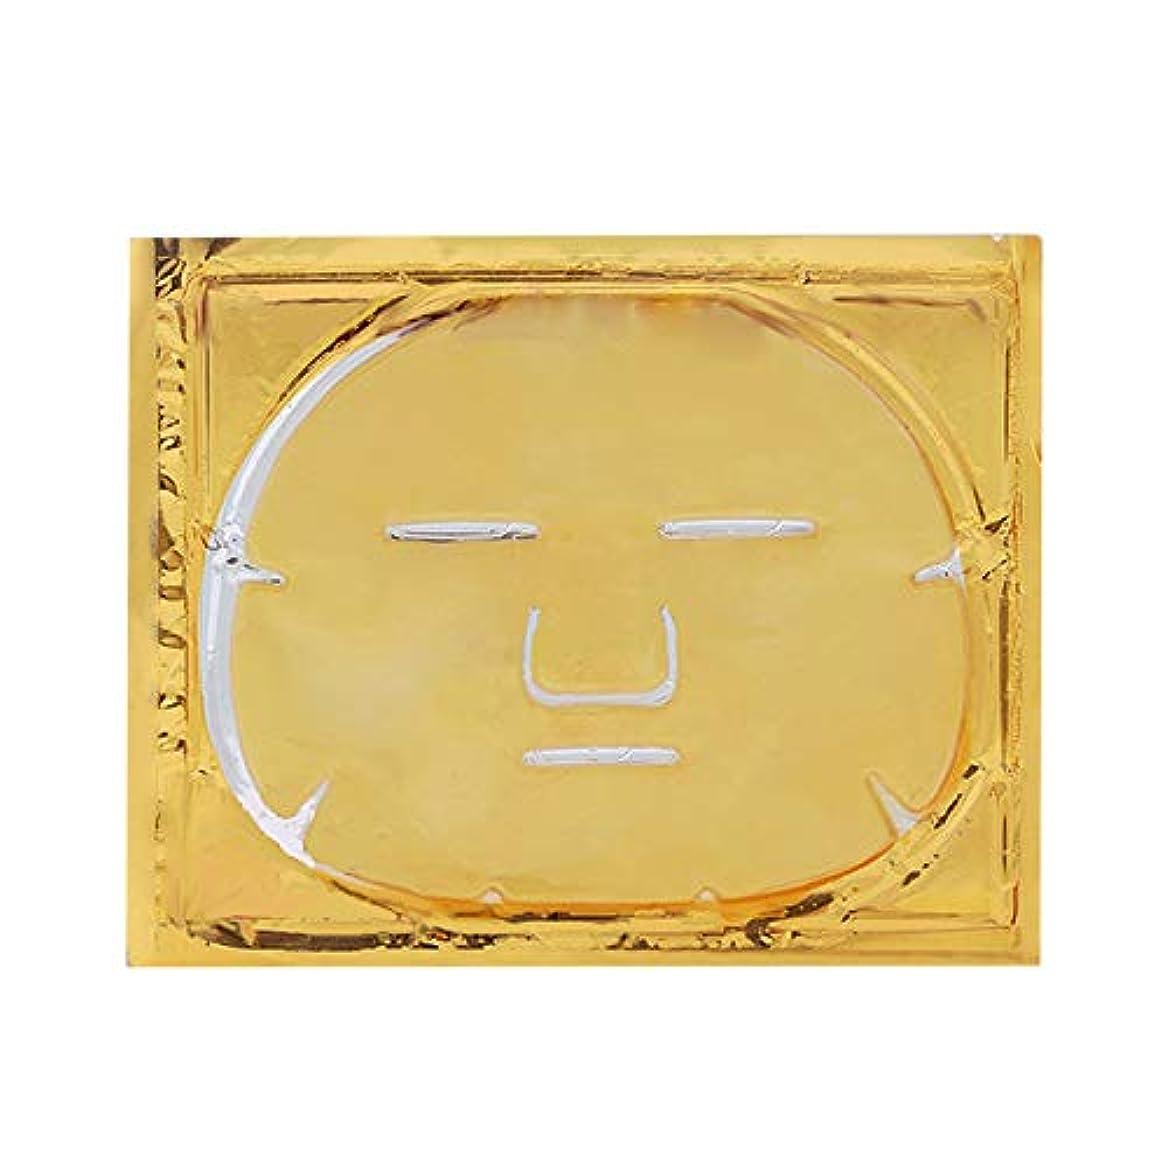 すごい中毒希望に満ちたSODIAL ゴールド ゲル コラーゲン 水晶フェイシャル?マスク シート パッチ アンチエイジング、美白、むくみ、しわ、保湿、深部組織の若返りと水分補給用